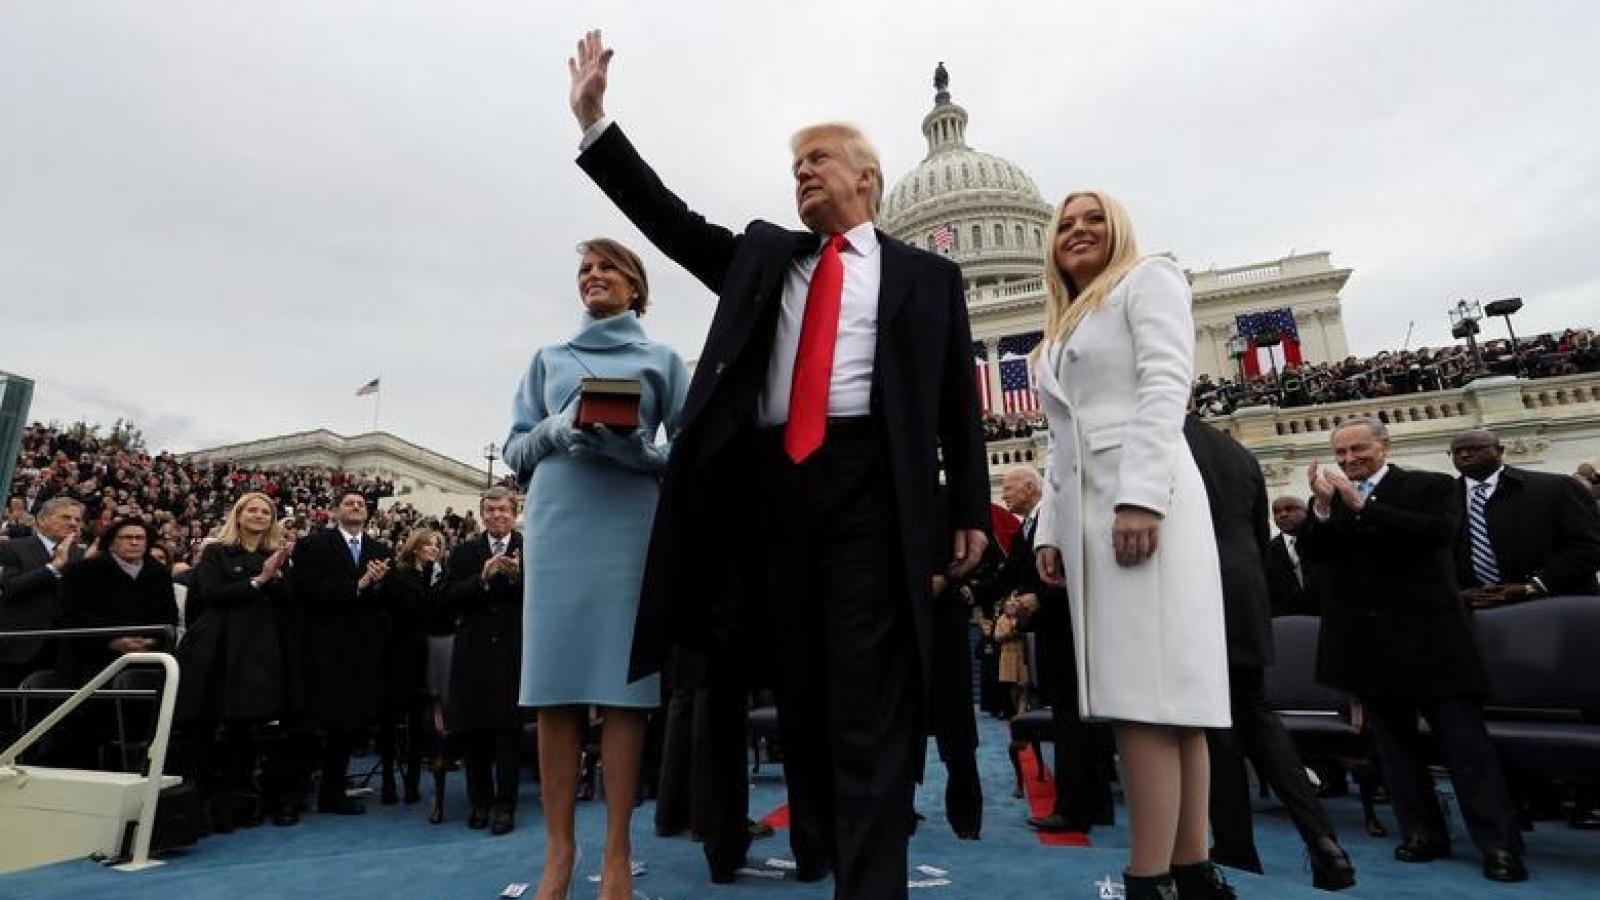 Nhìn lại những hình ảnh ấn tượng trong lễ nhậm chức của các Tổng thống Mỹ